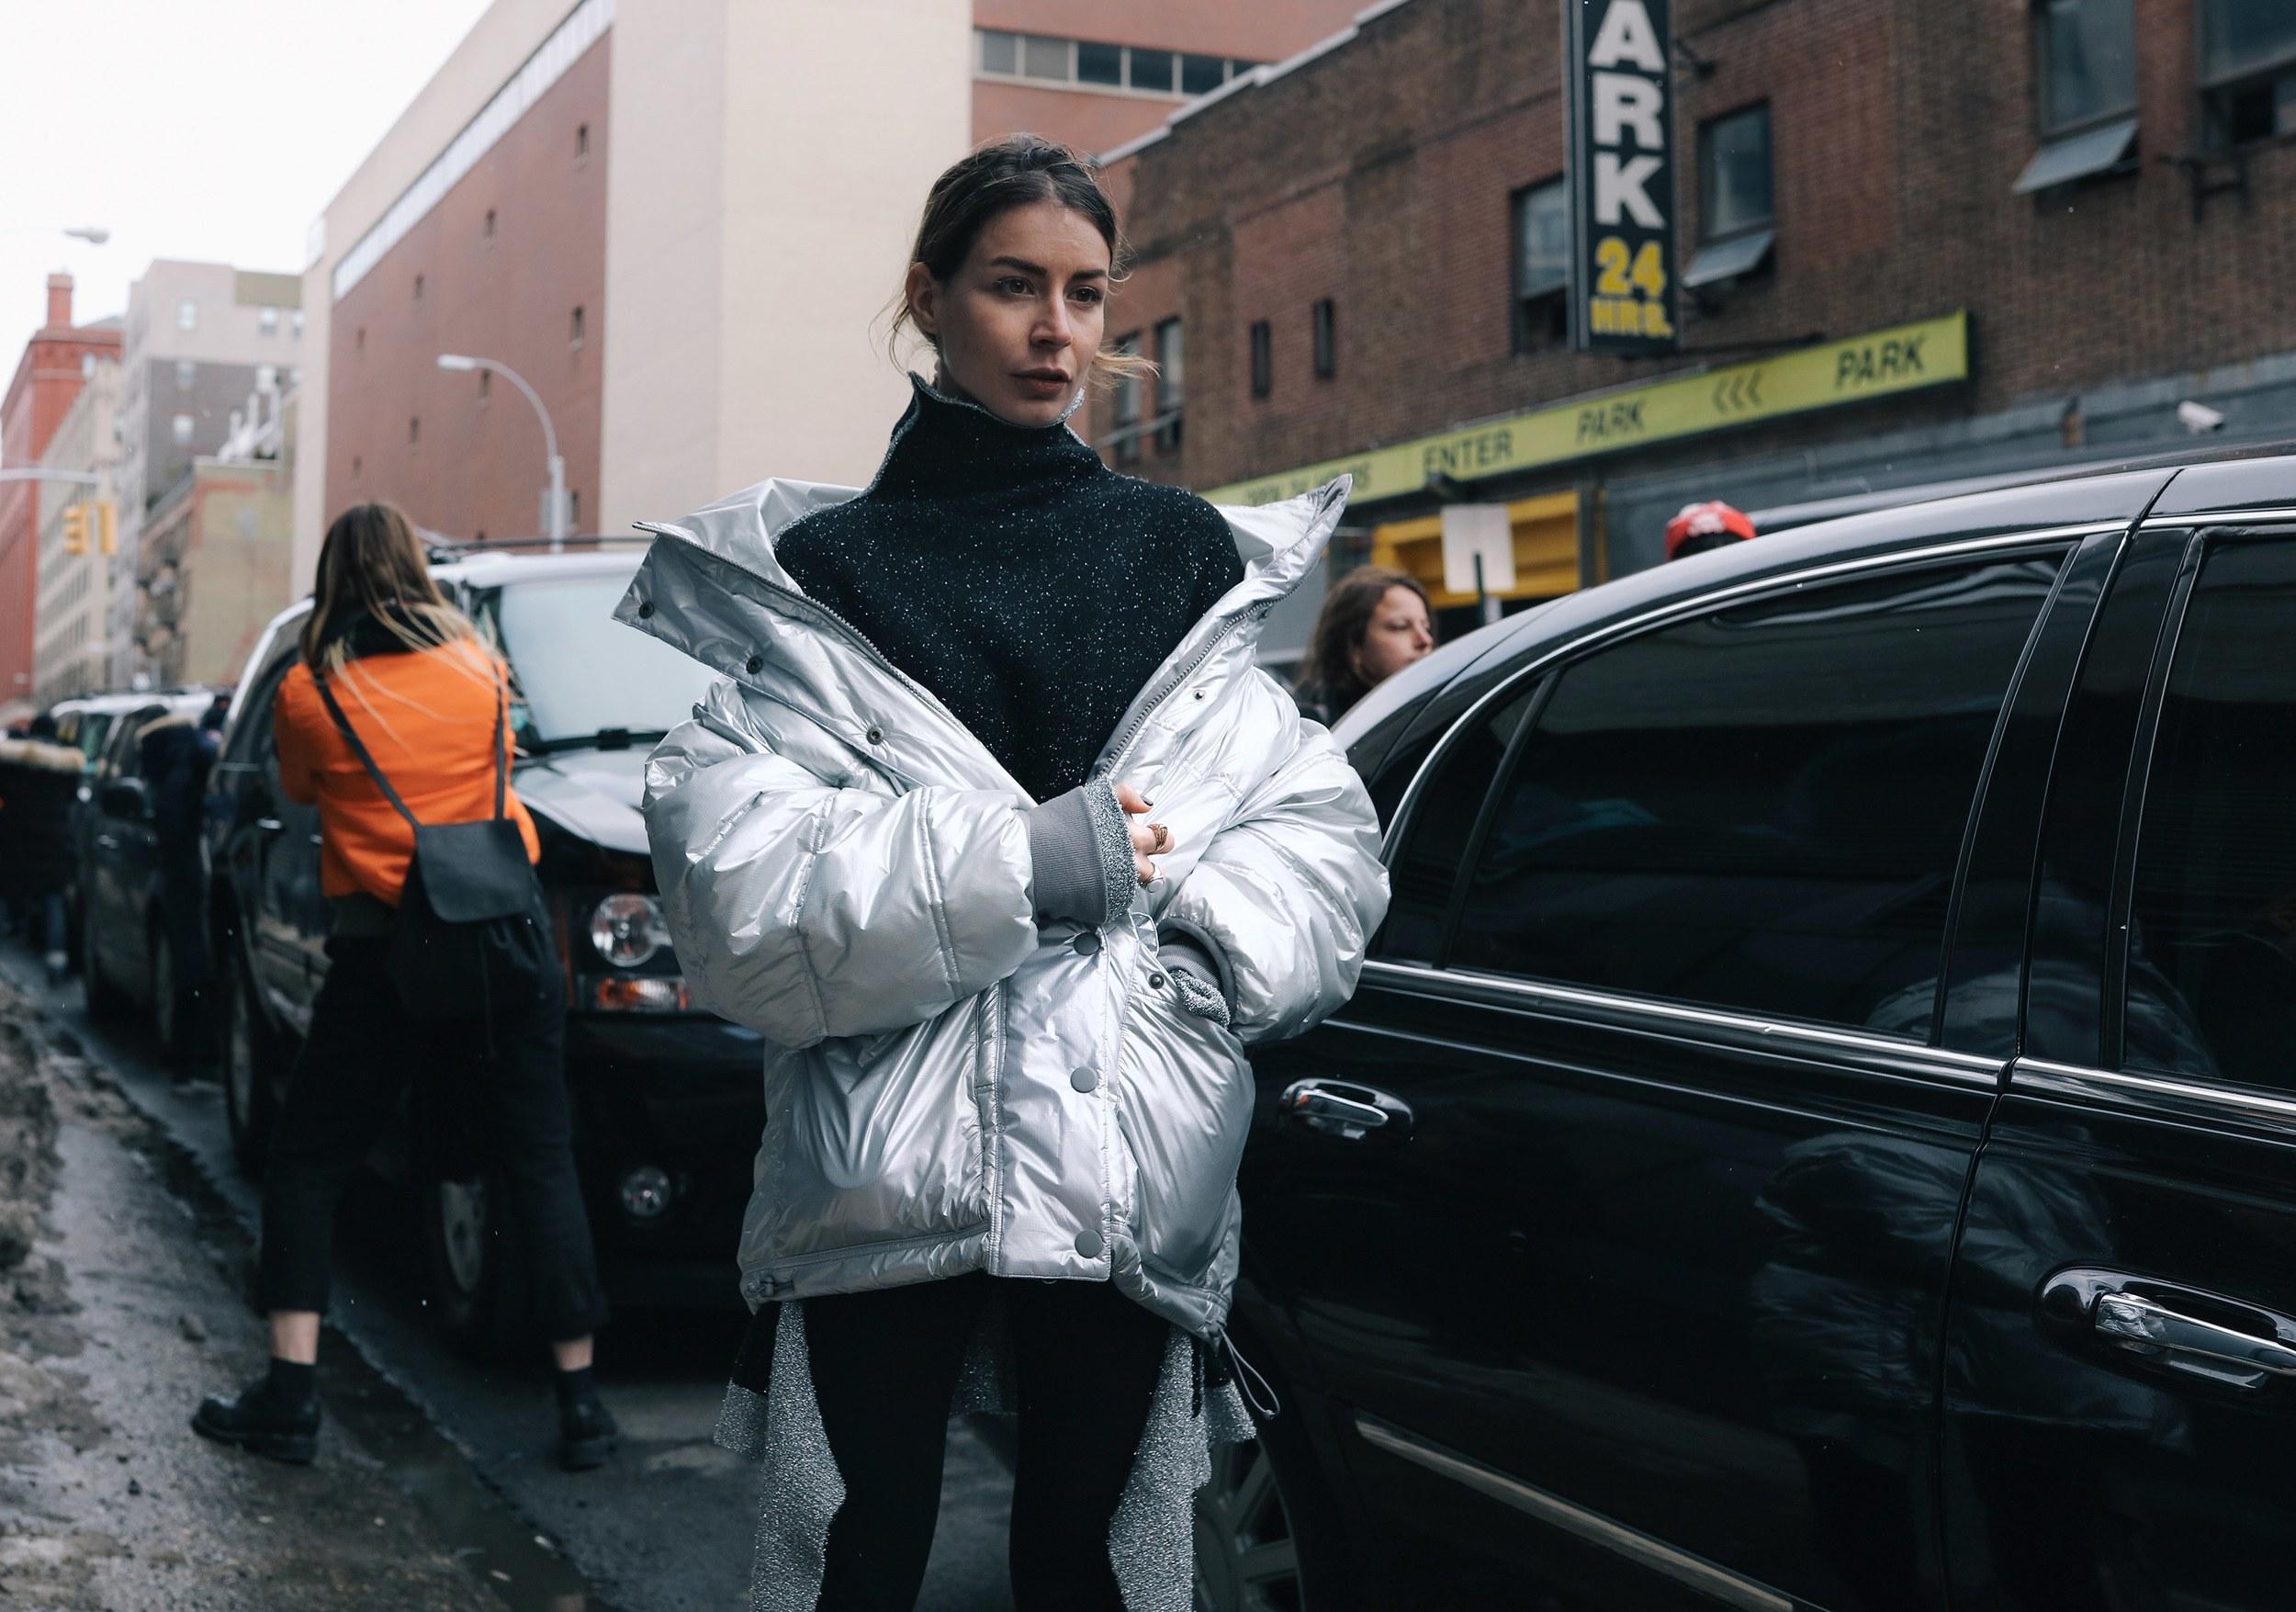 Chiêm ngưỡng đặc sản street style đẹp khó rời mắt tại Tuần lễ thời trang New York - Ảnh 4.